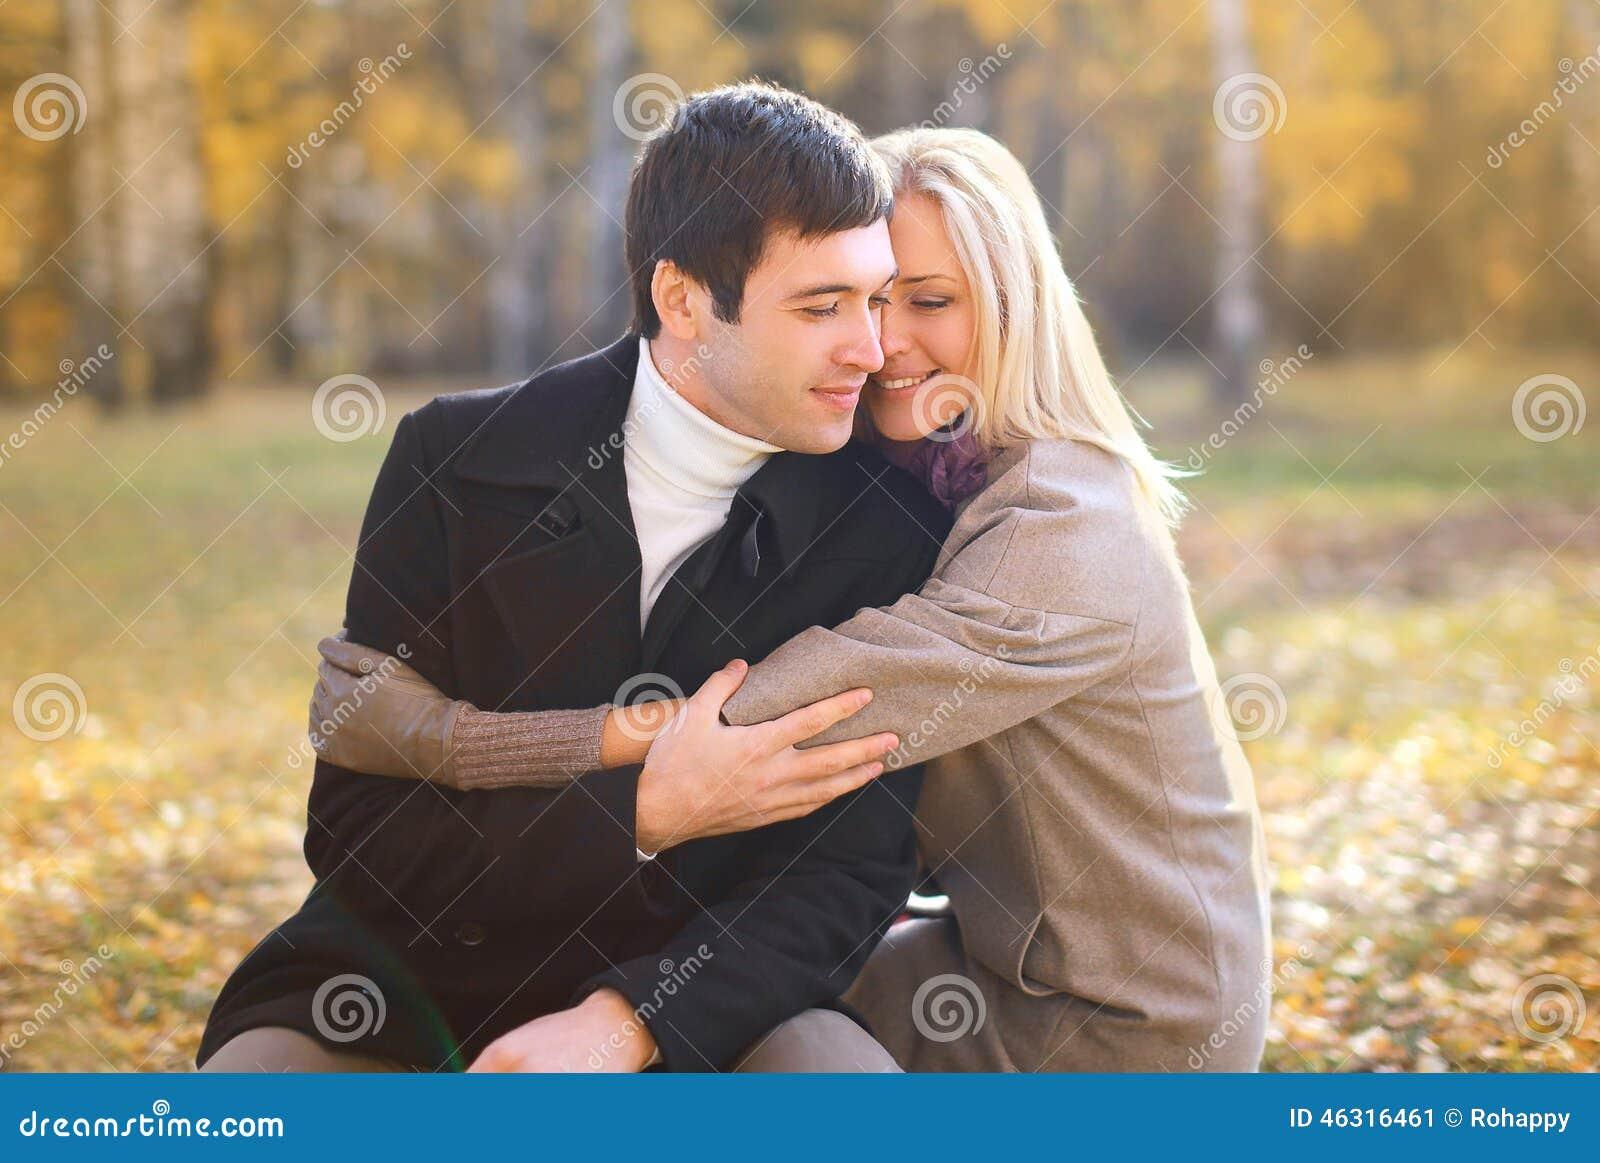 Jesień, miłość, związek i ludzie pojęć, - szczęśliwa para